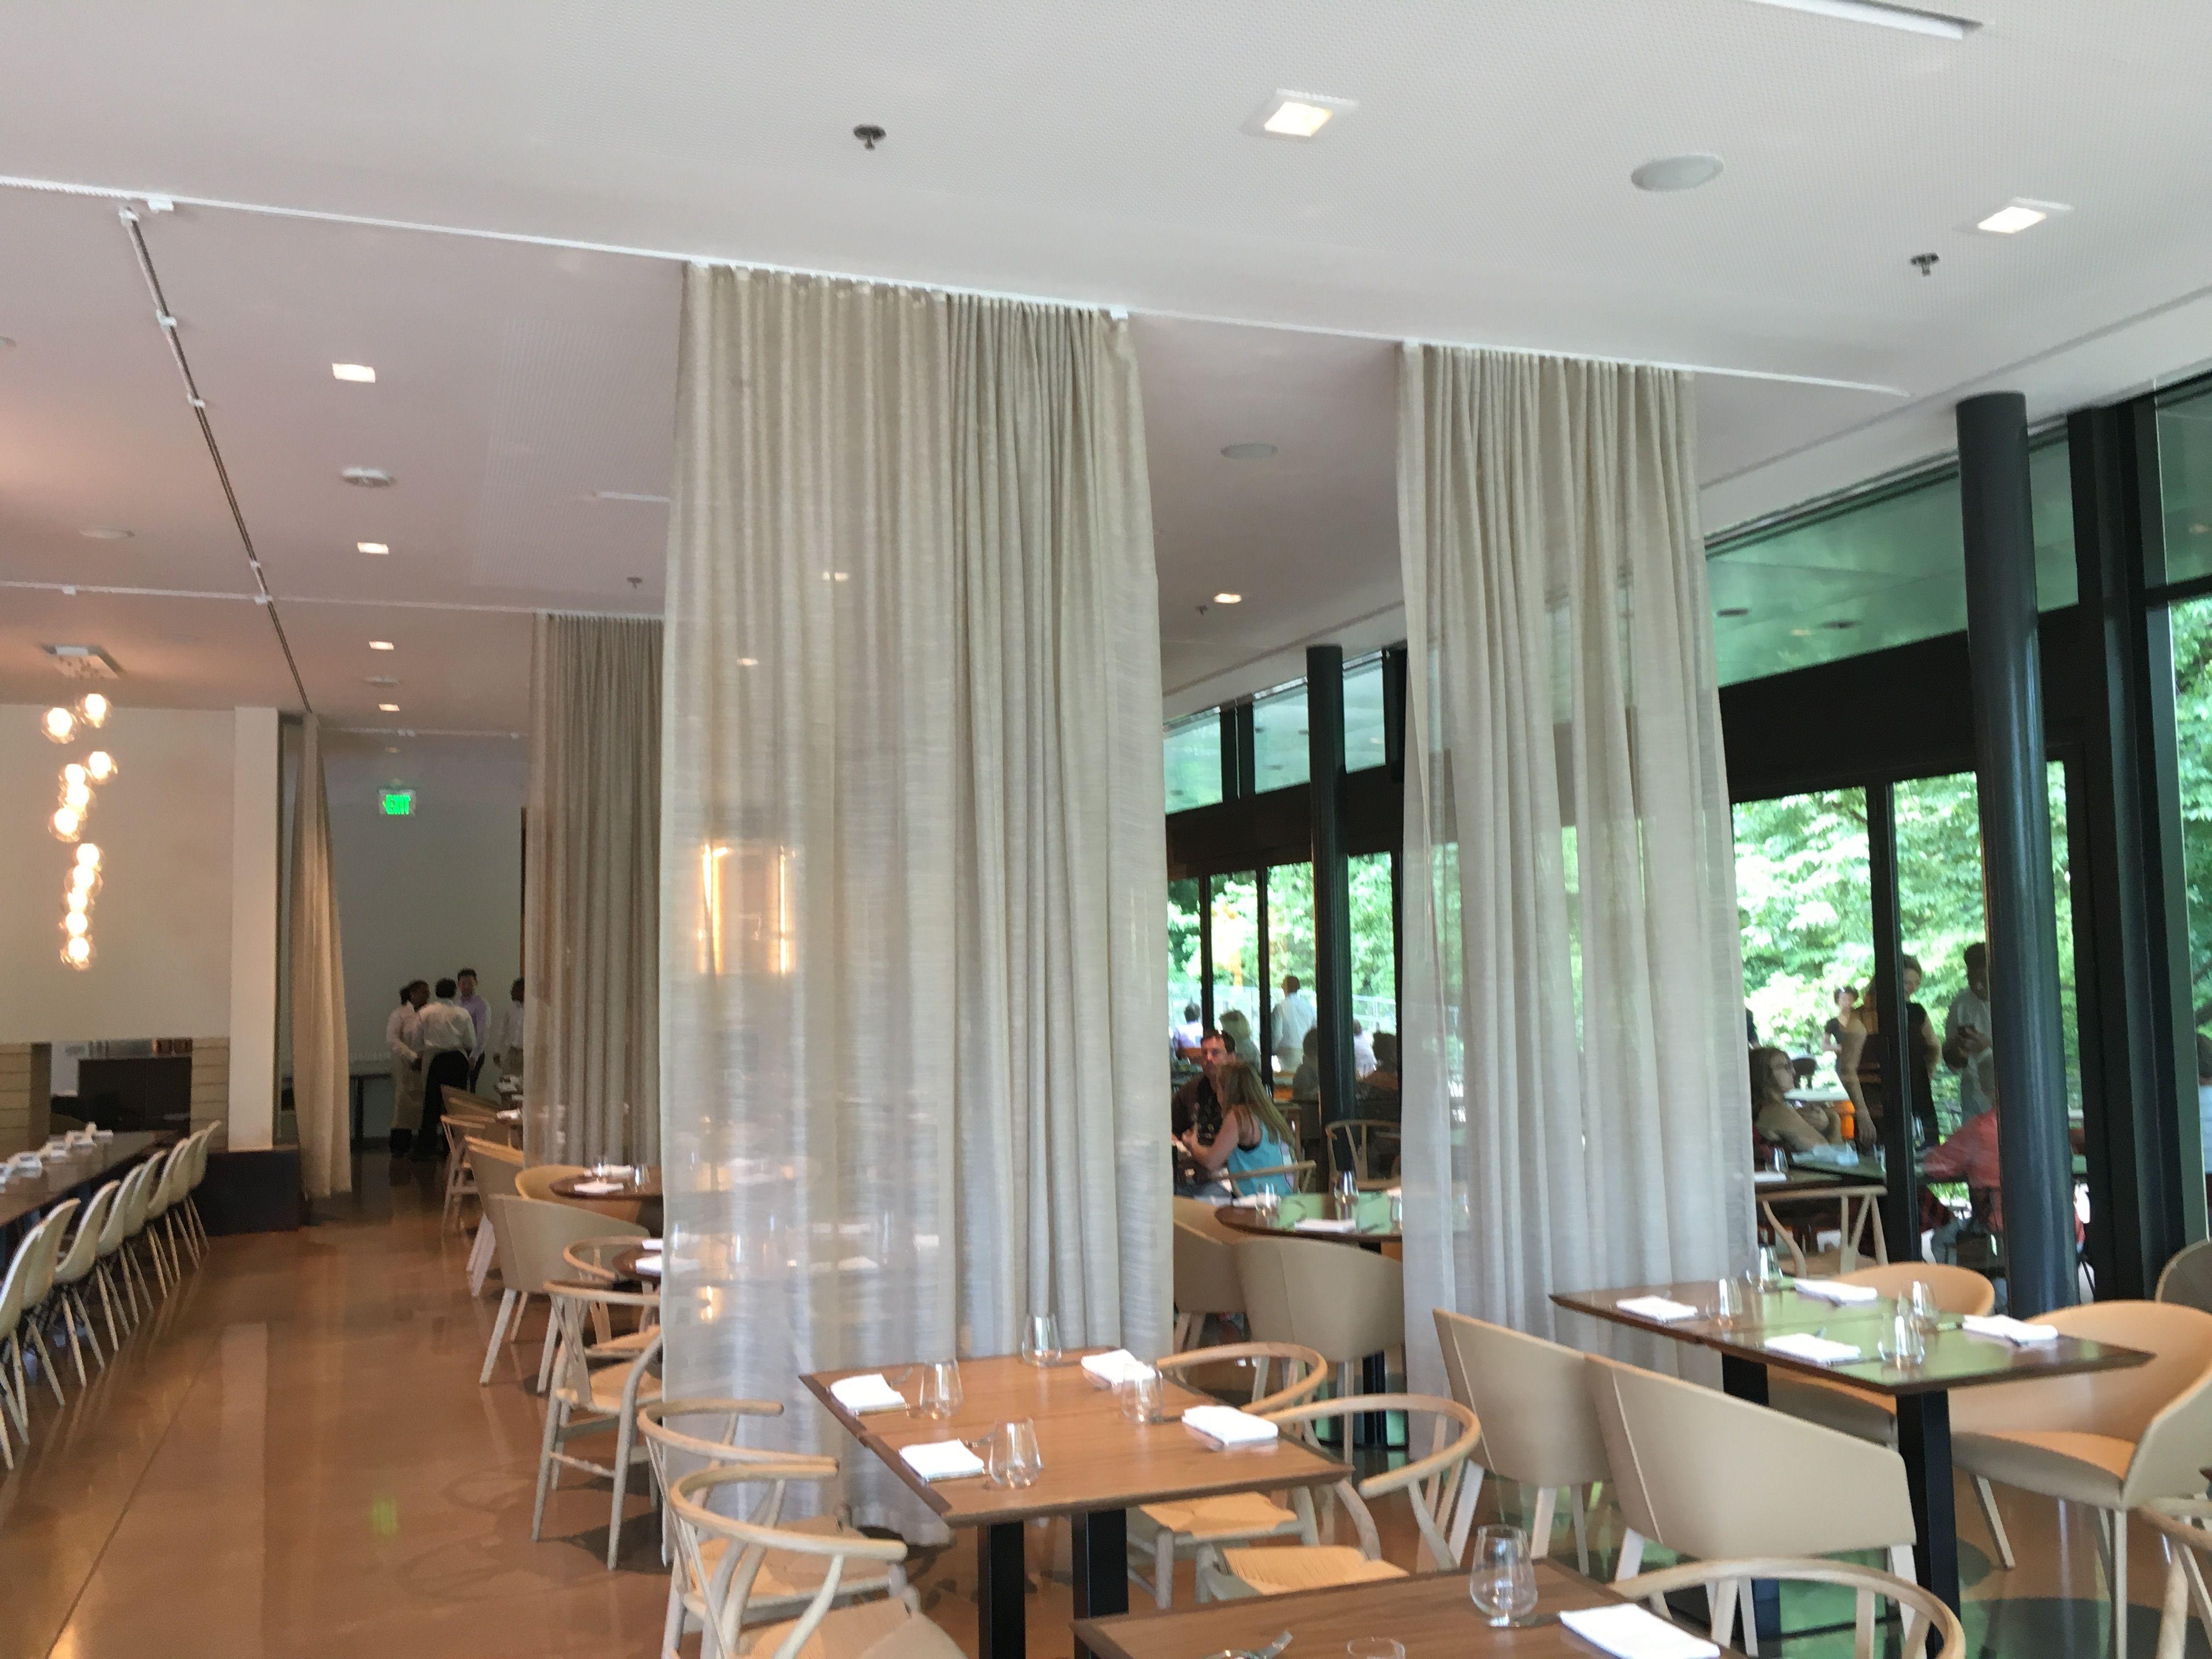 Restaurant Room Divider Ripplefold Drapes Room Divider Home Decor Curtains